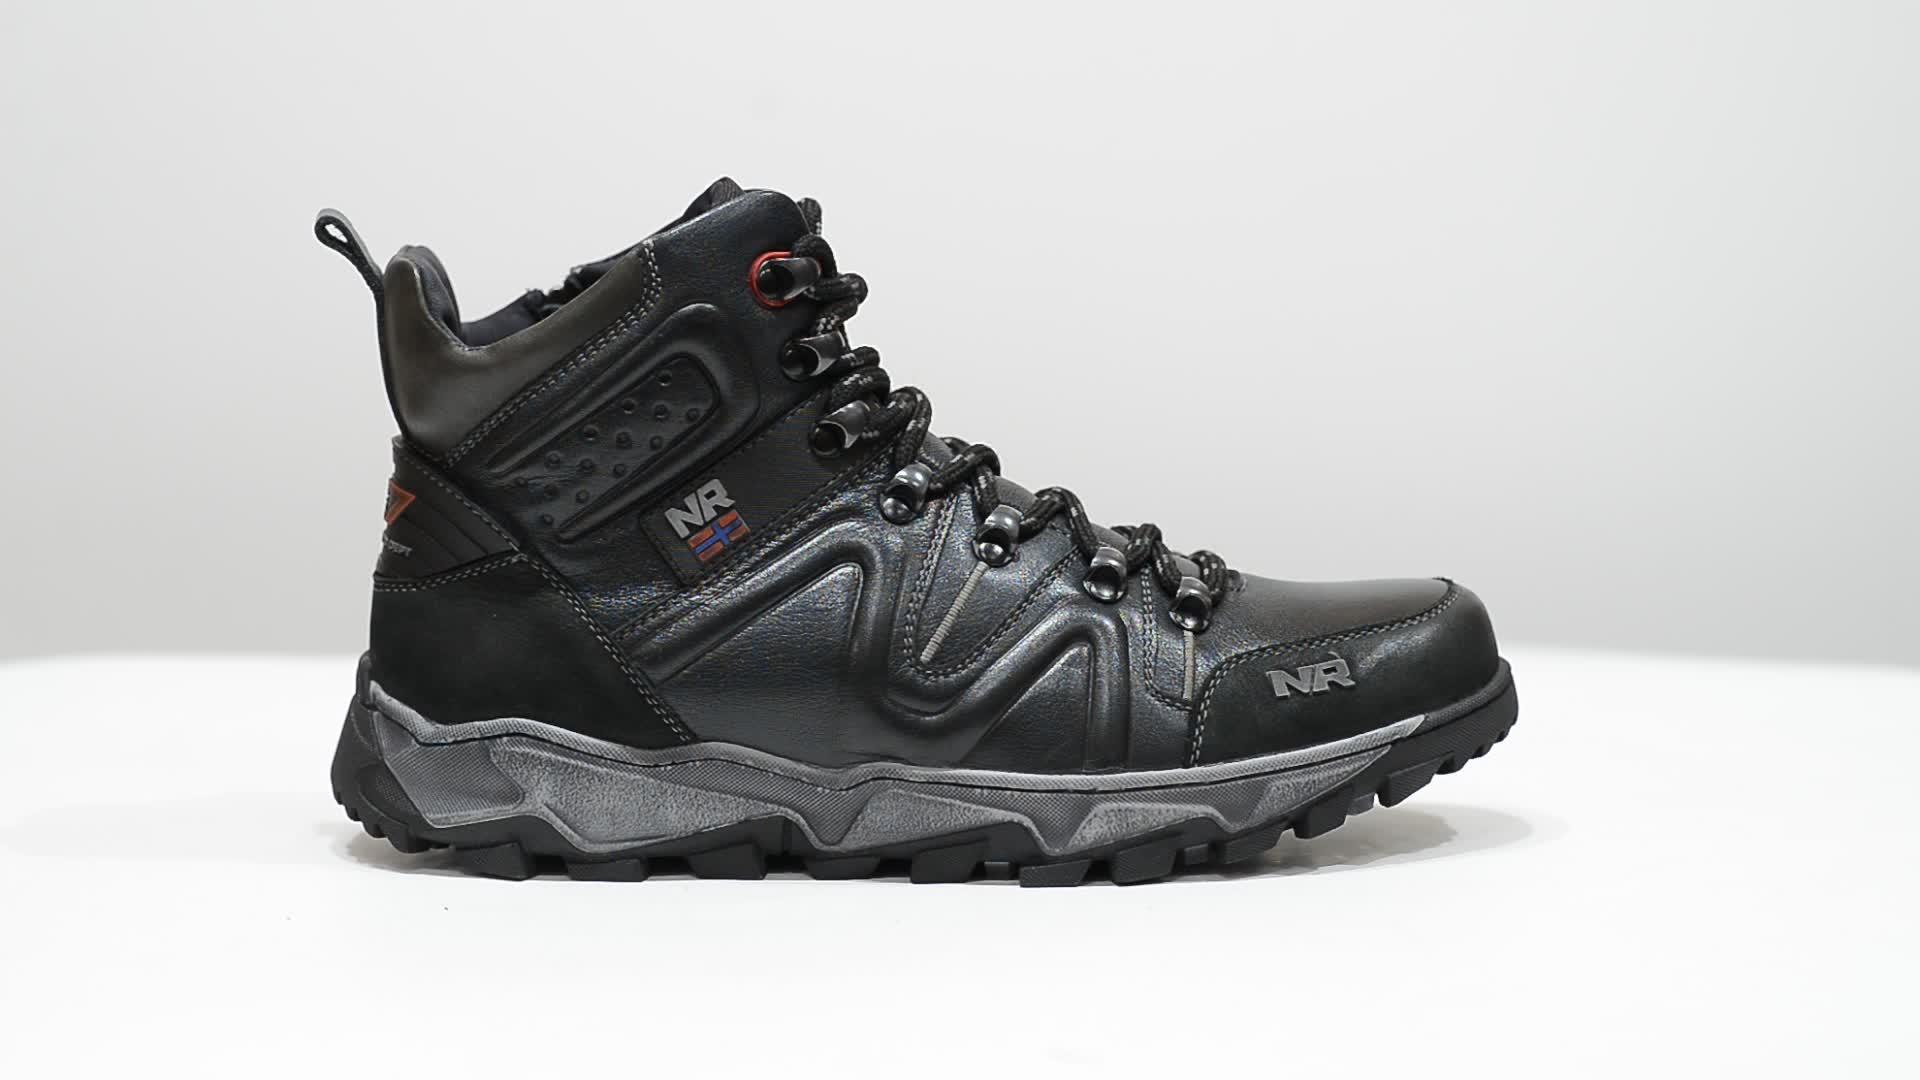 Men's winter shoes M532 sp